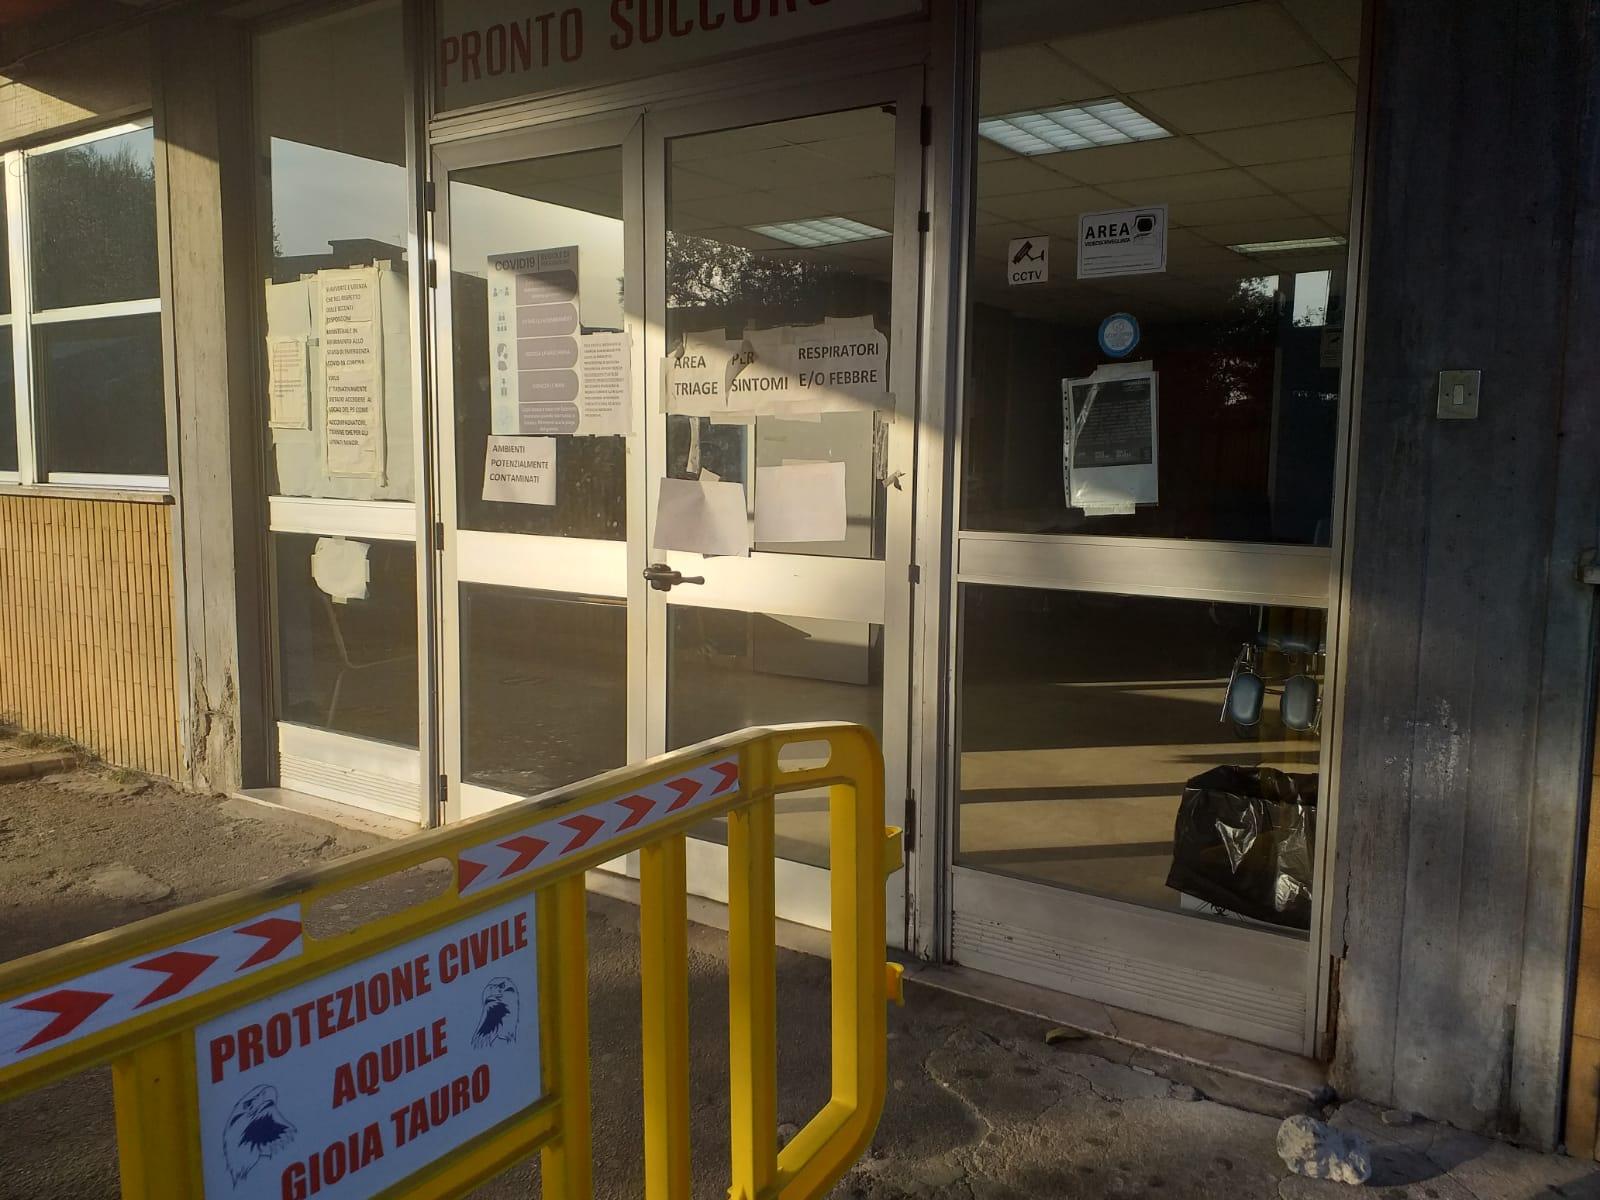 Coronavirus a Sinopoli, un caso positivo e 25 persone in quarantena